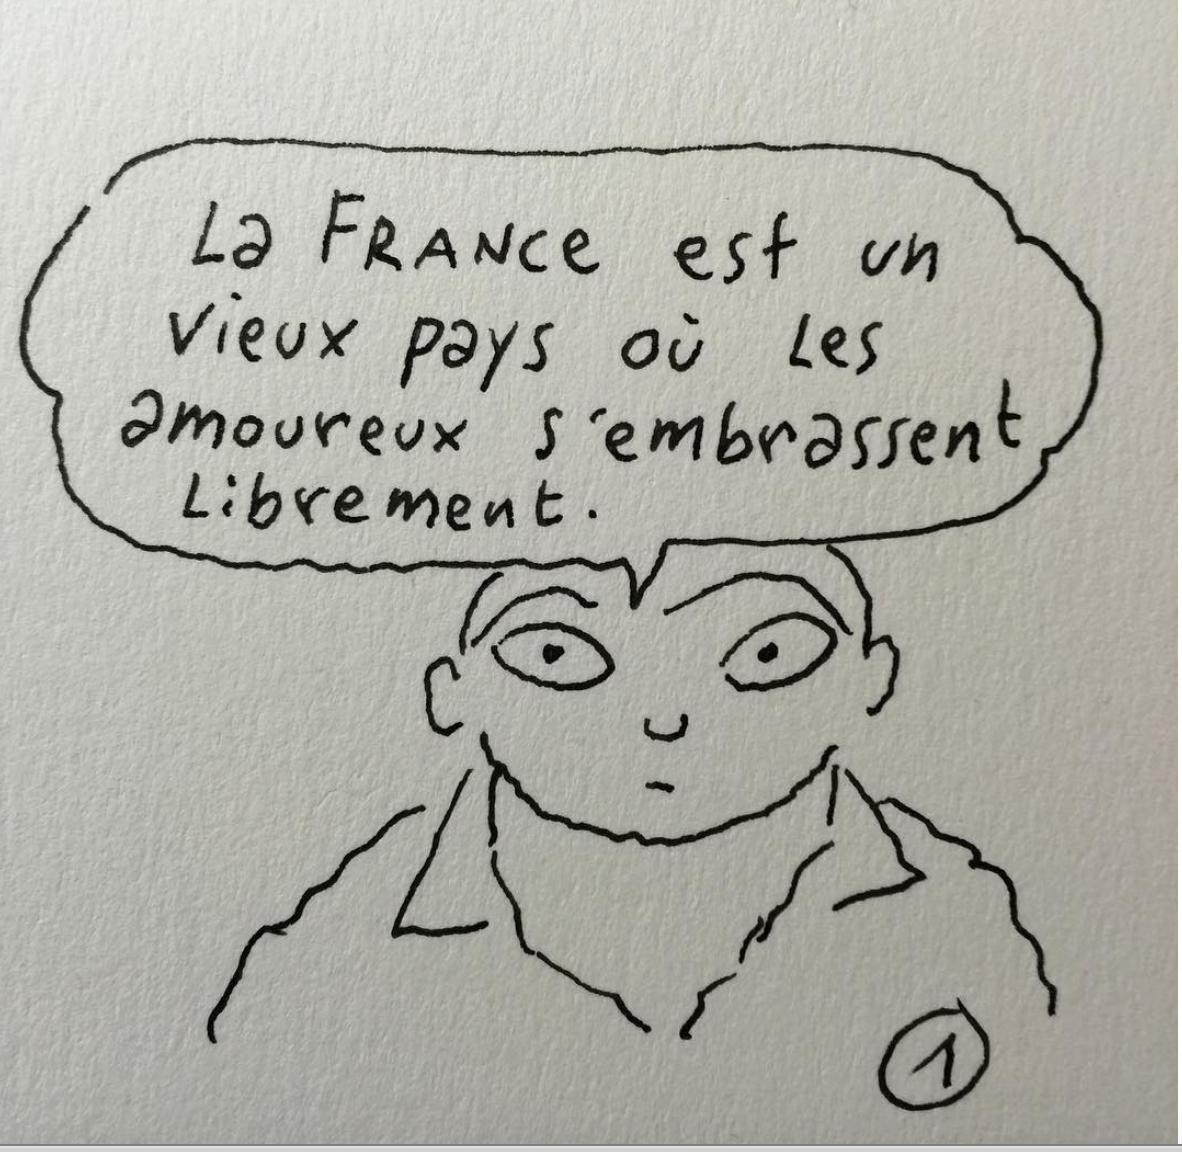 Frankrijk is een oud land waar geliefden elkaar kussen in vrijheid.